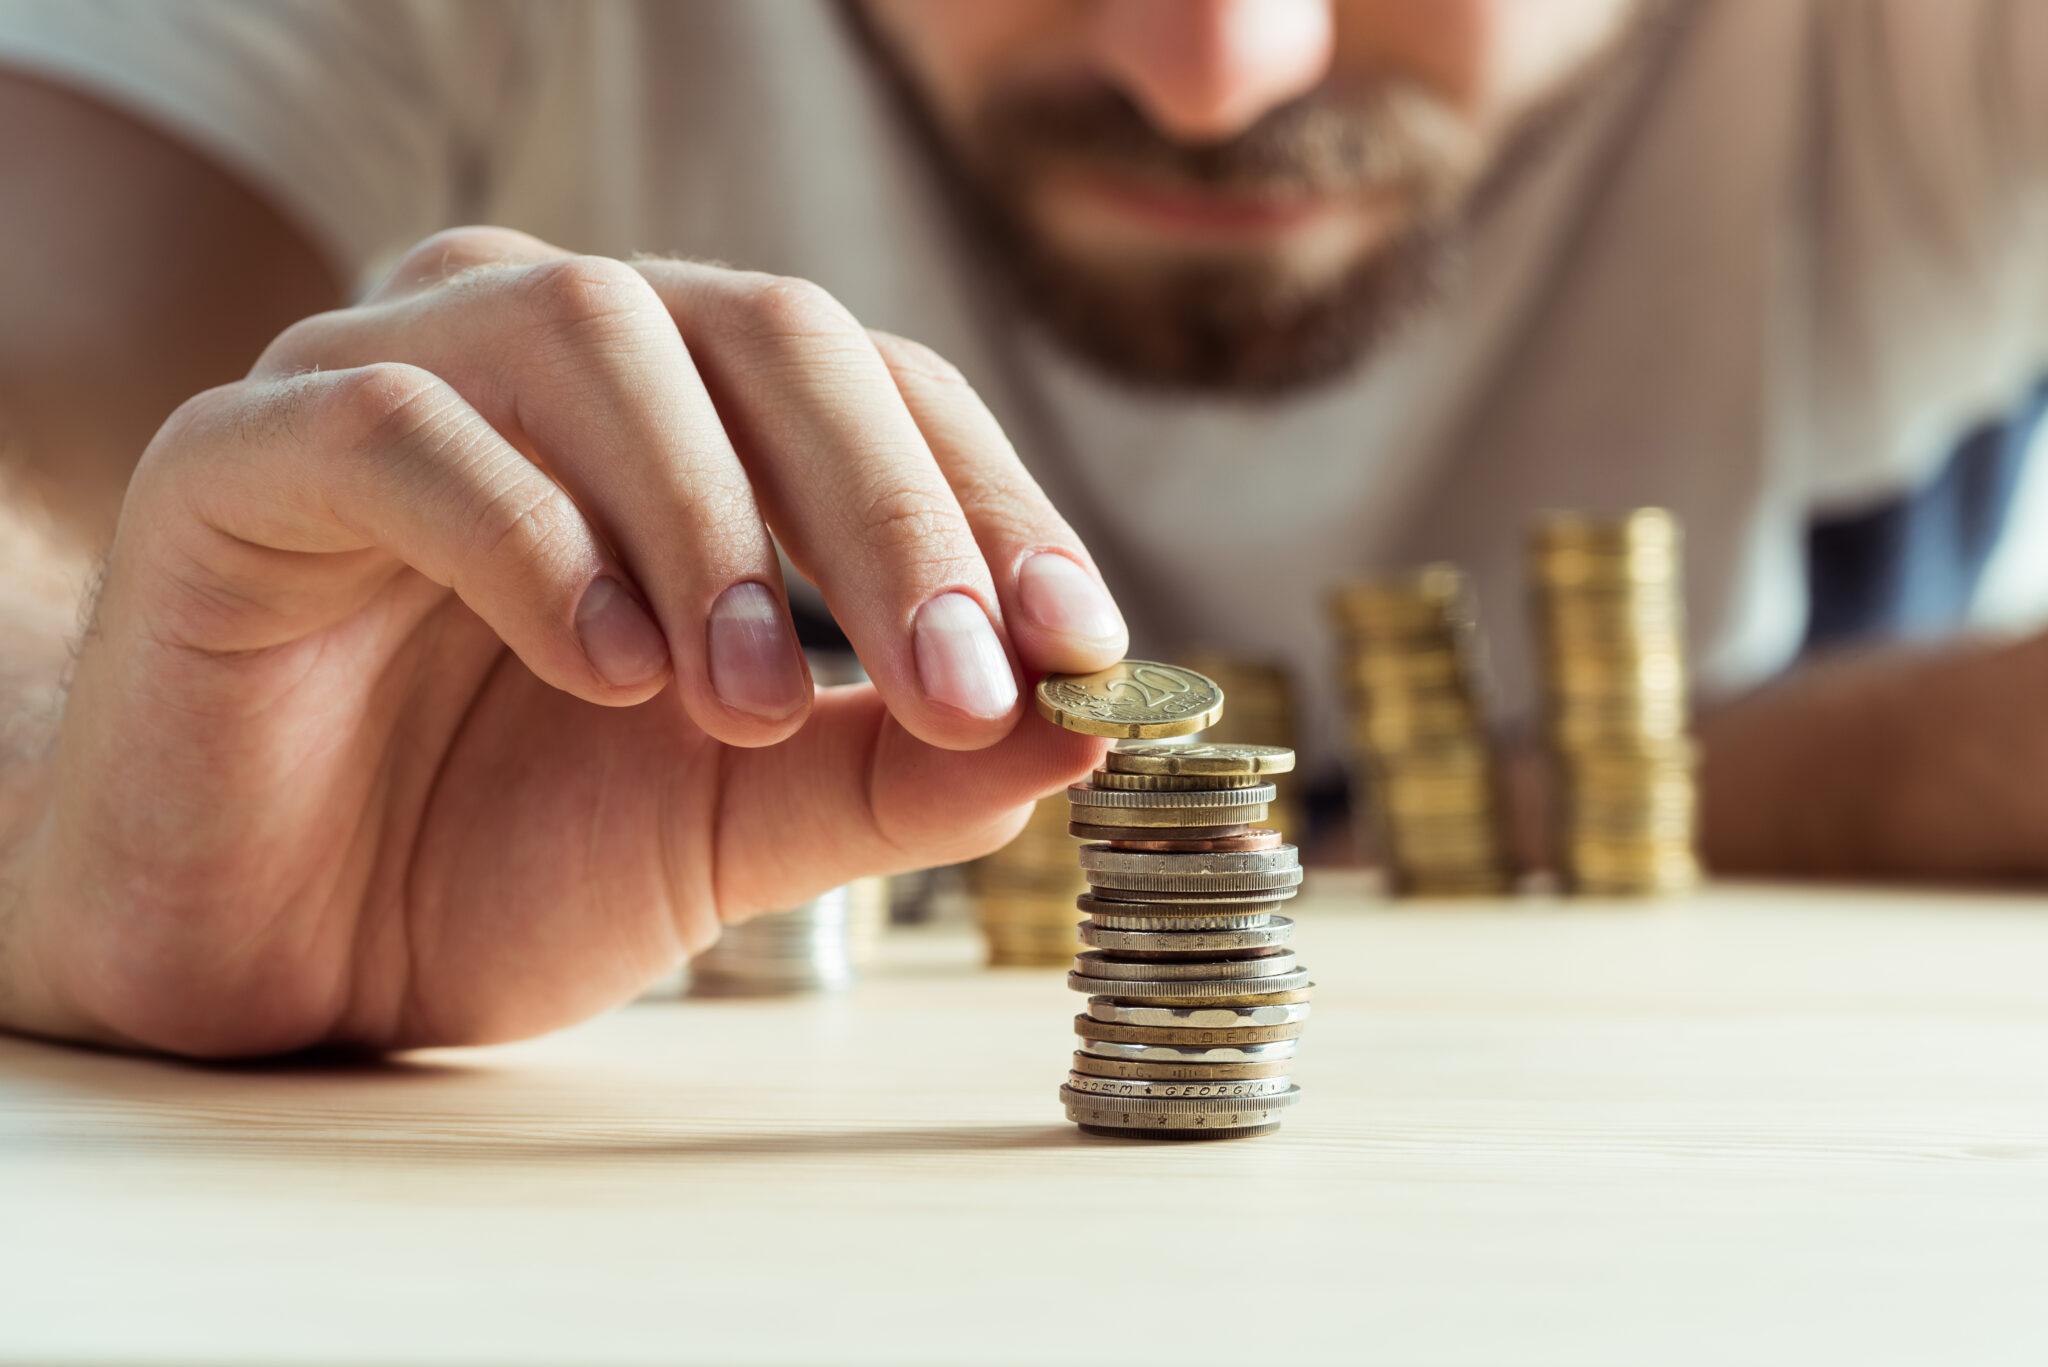 pagar-deudas-o-invertir-en-un-negocio